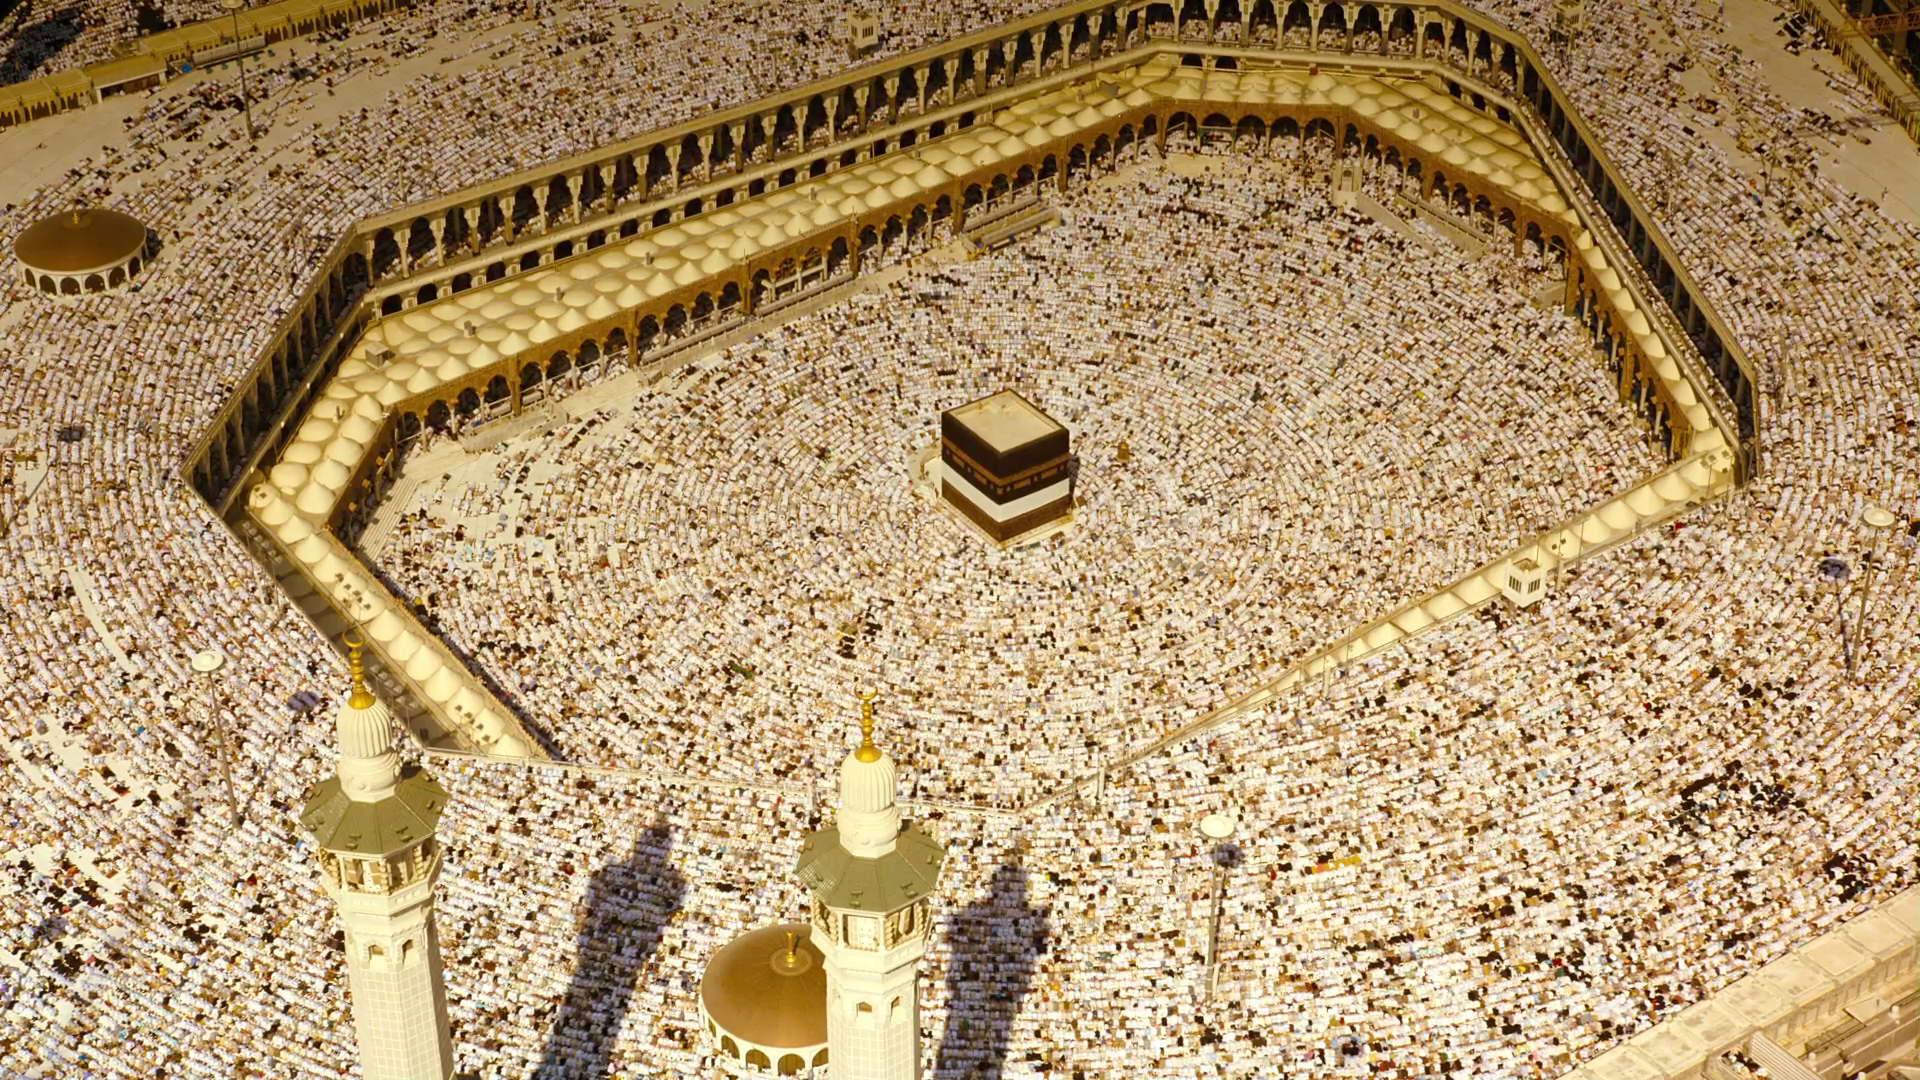 麦加大清真寺,朝拜,穆斯林,伊斯兰教,沙特阿拉伯